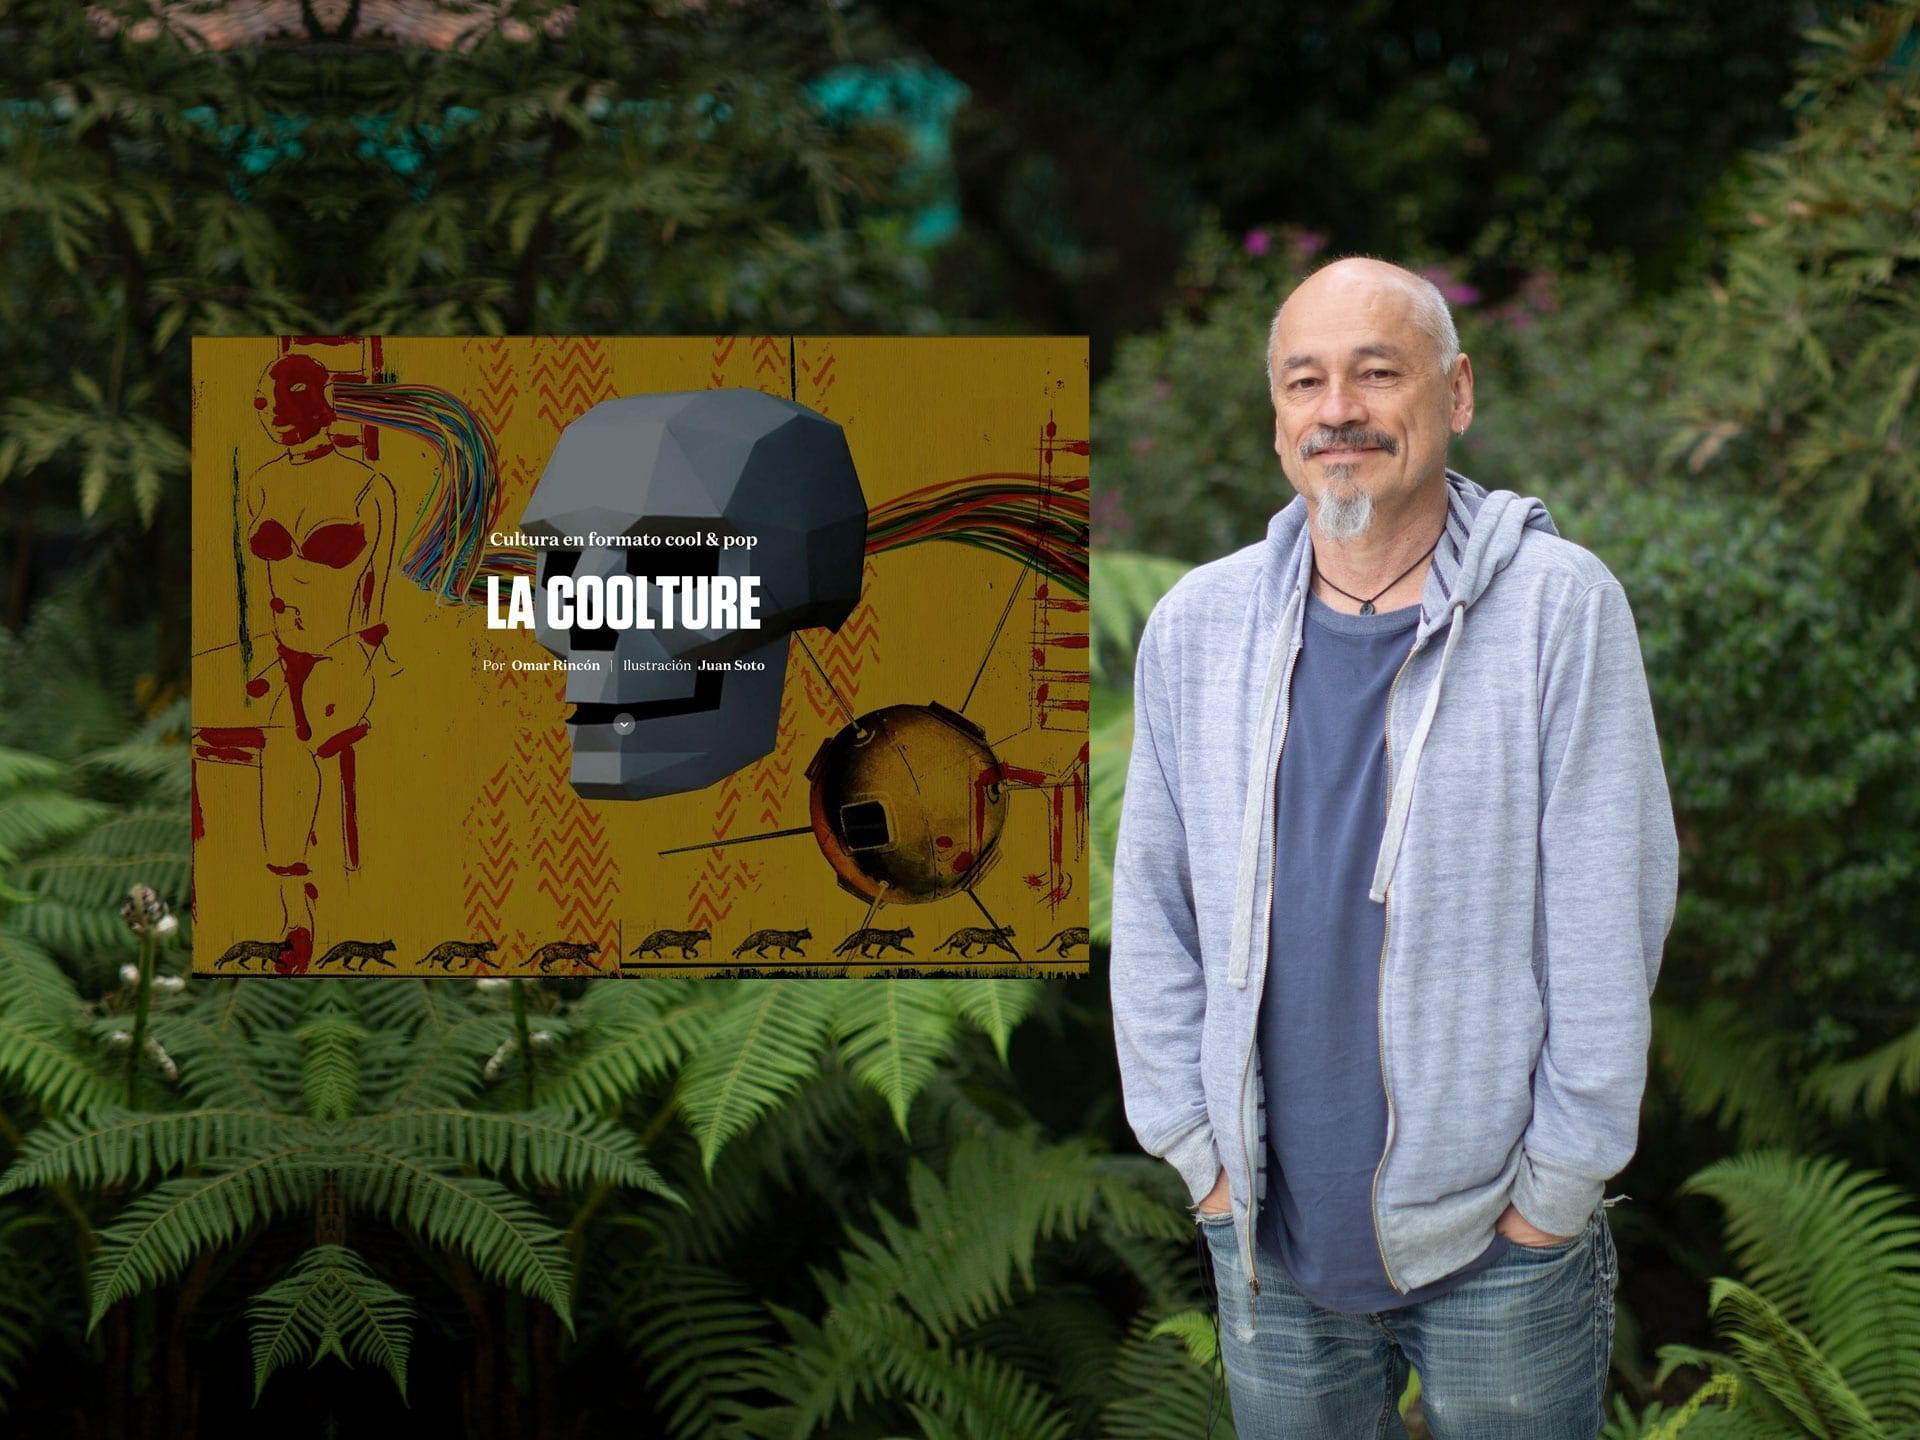 «La coolture es la cultura común del siglo XXI», Ómar Rincón